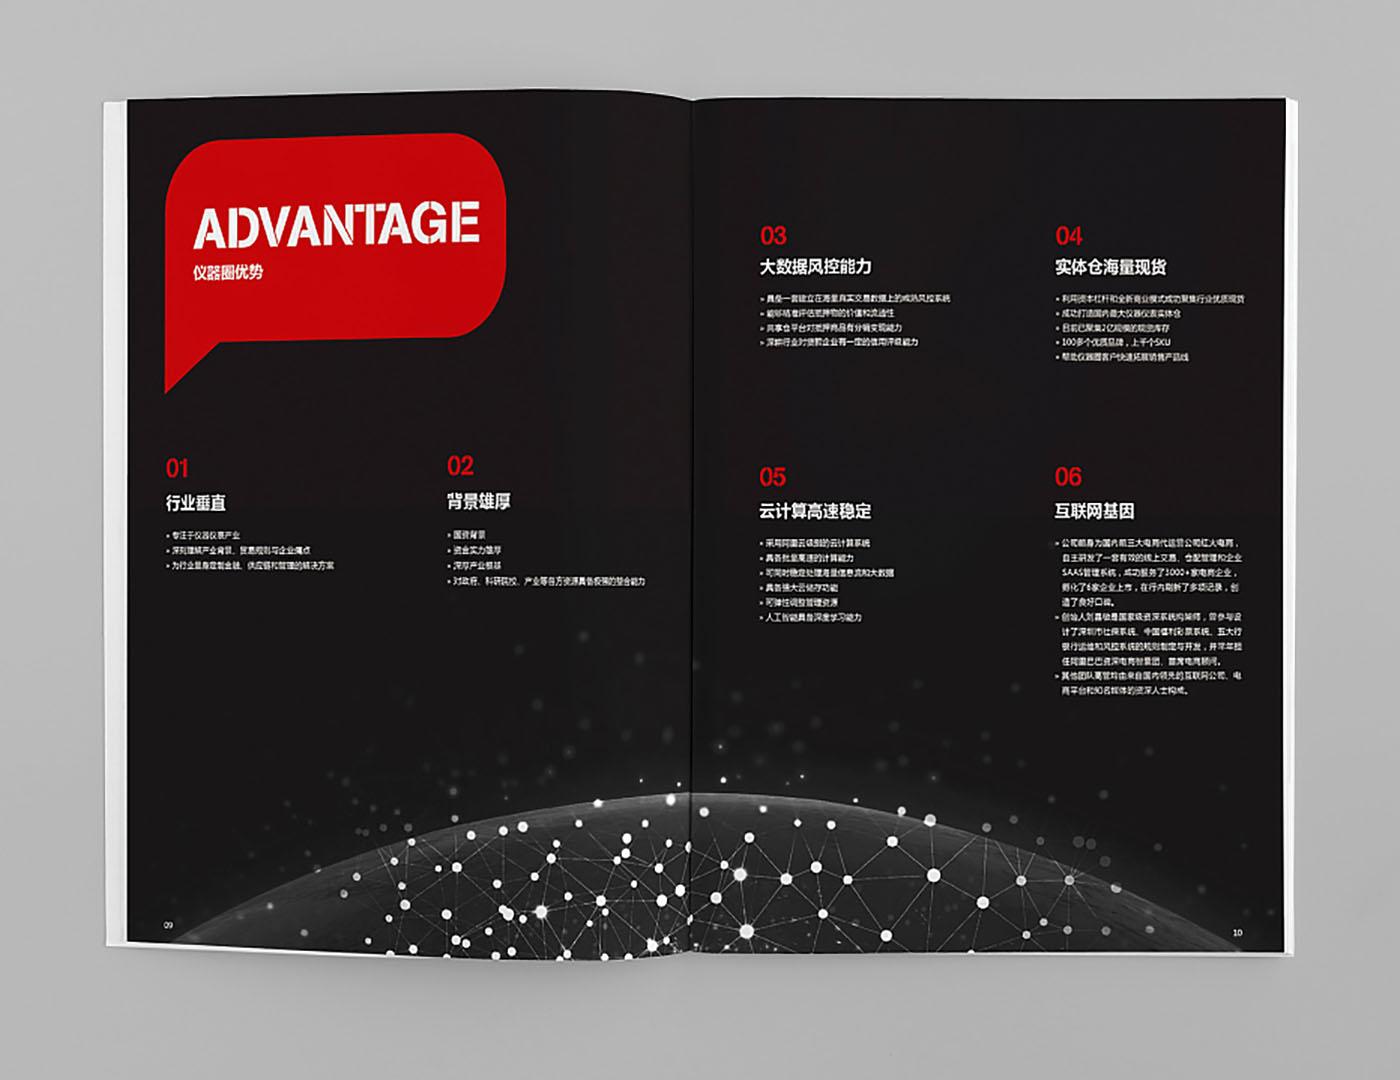 仪器圈集团画册设计-创意投资集团画册设计公司